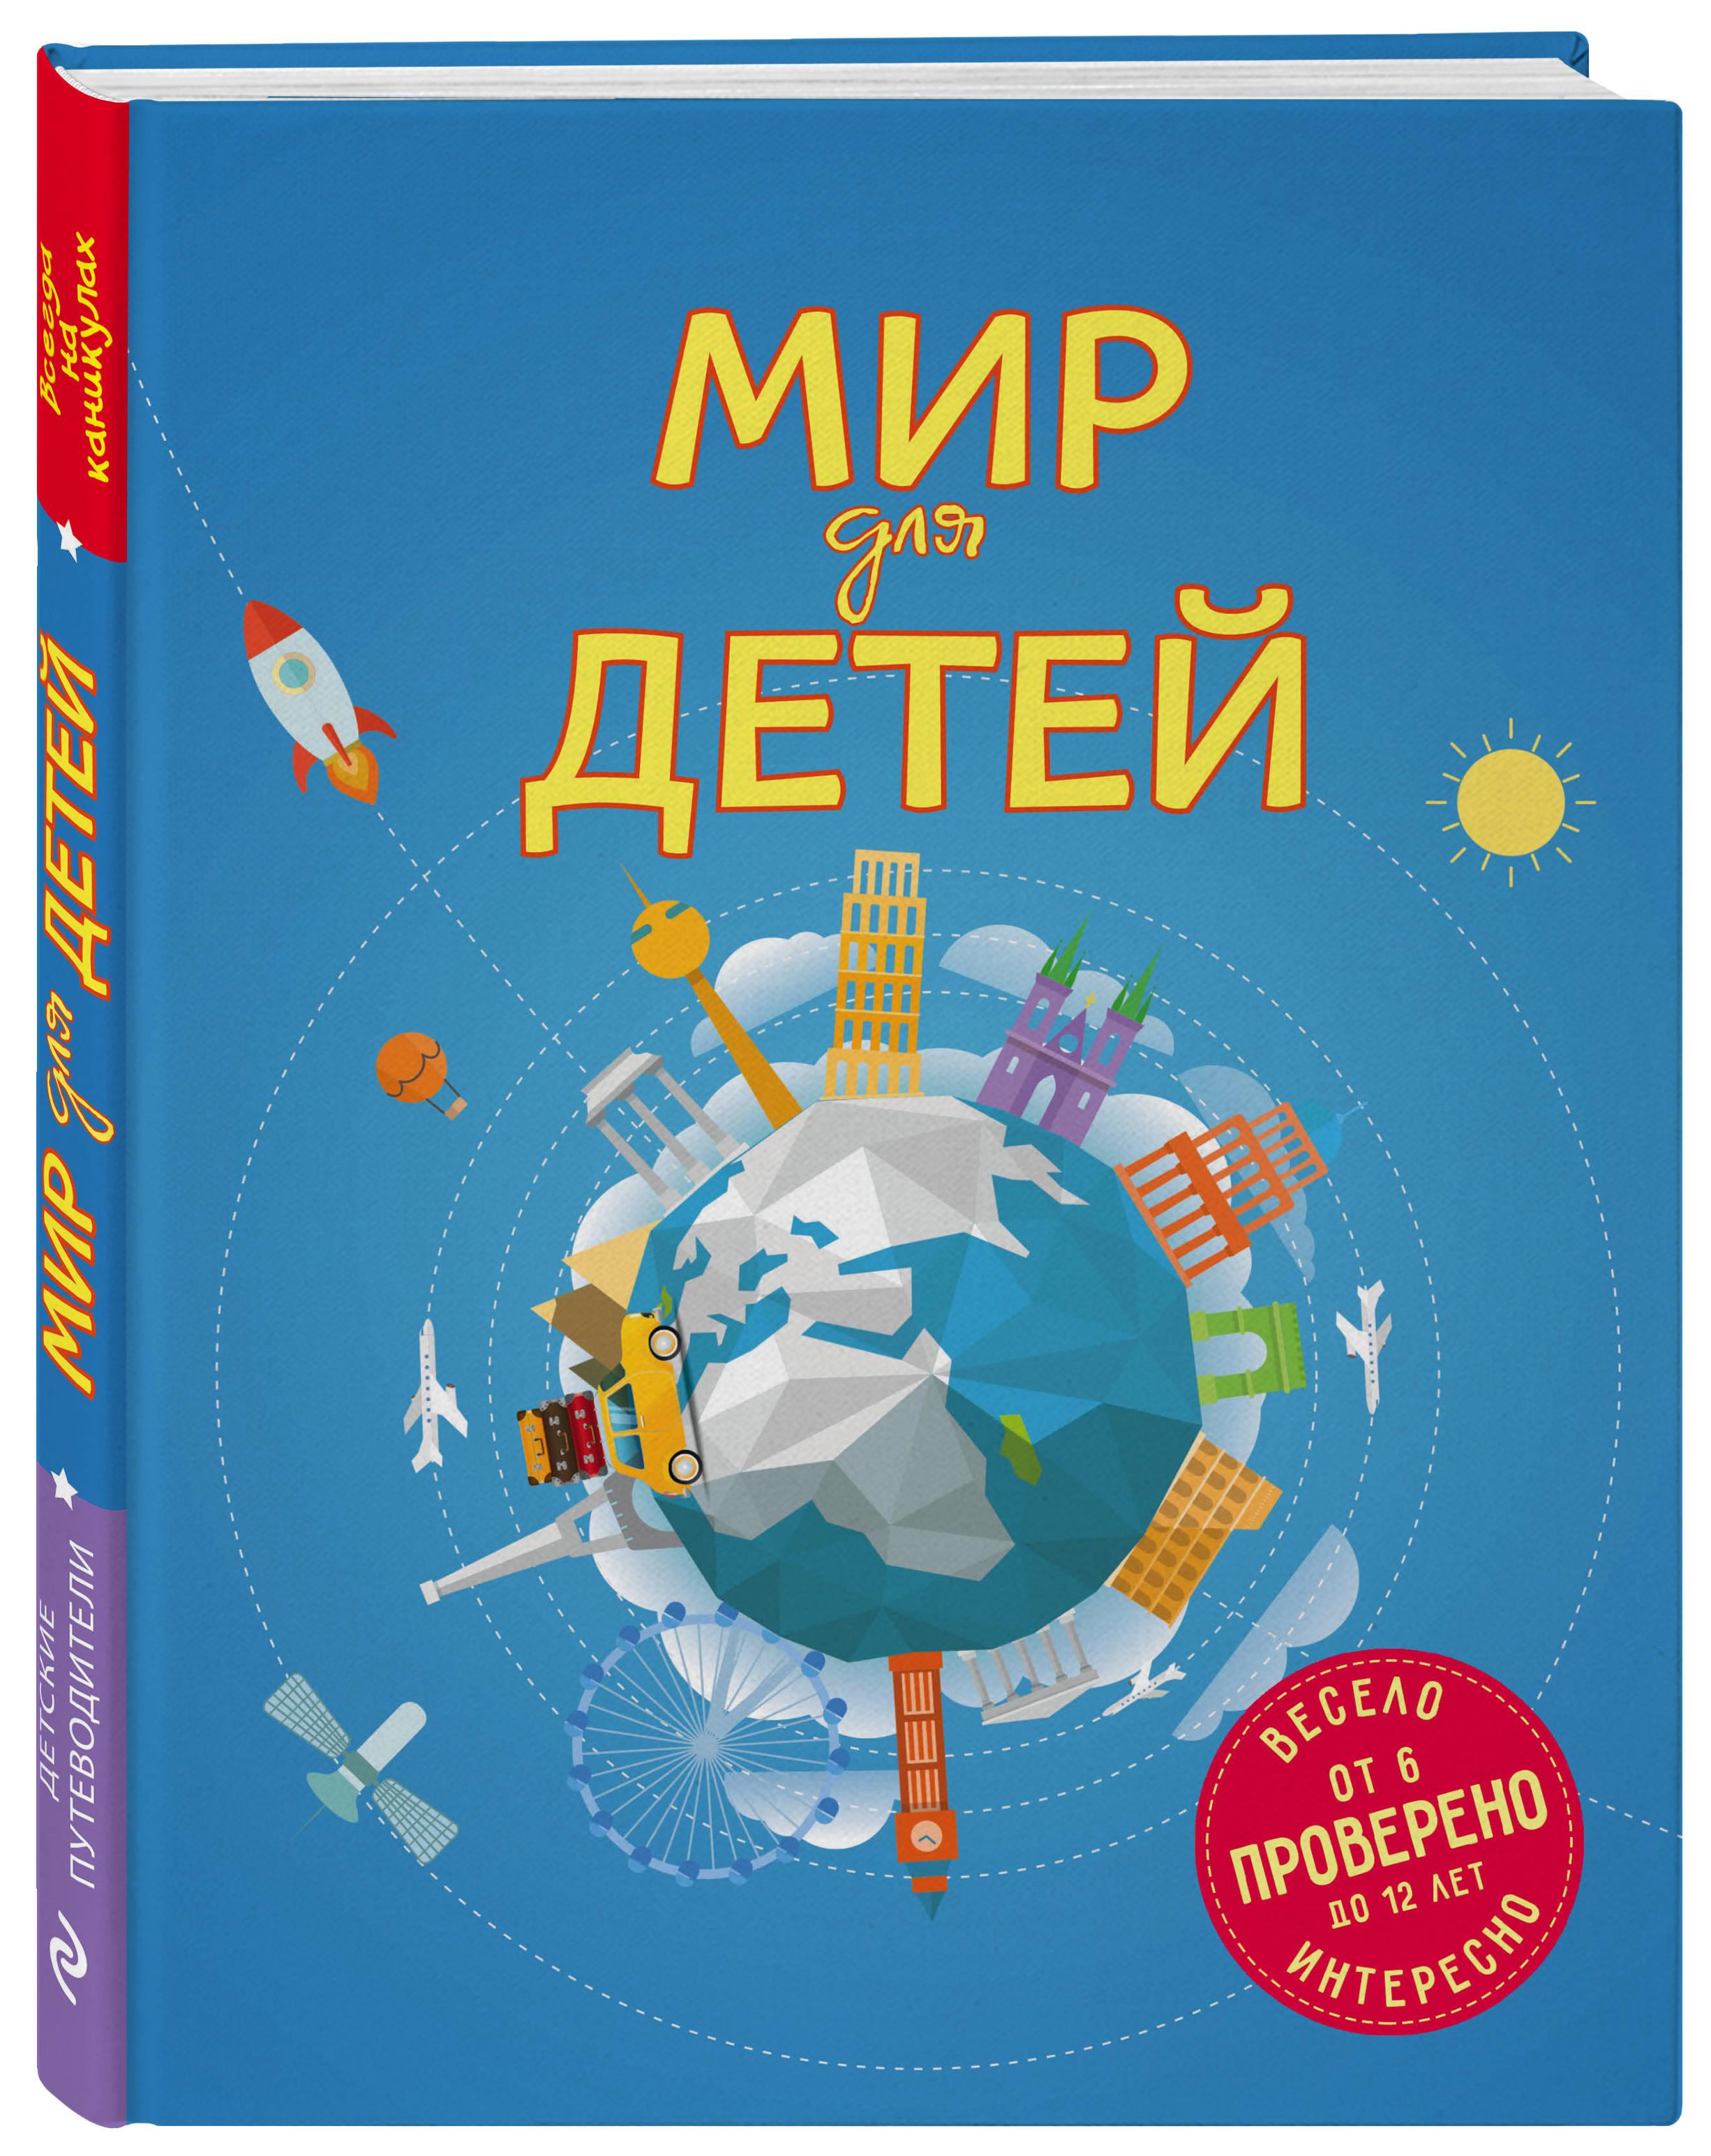 Мир для детей. 2-е изд. испр. и доп. (от 6 до 12 лет)